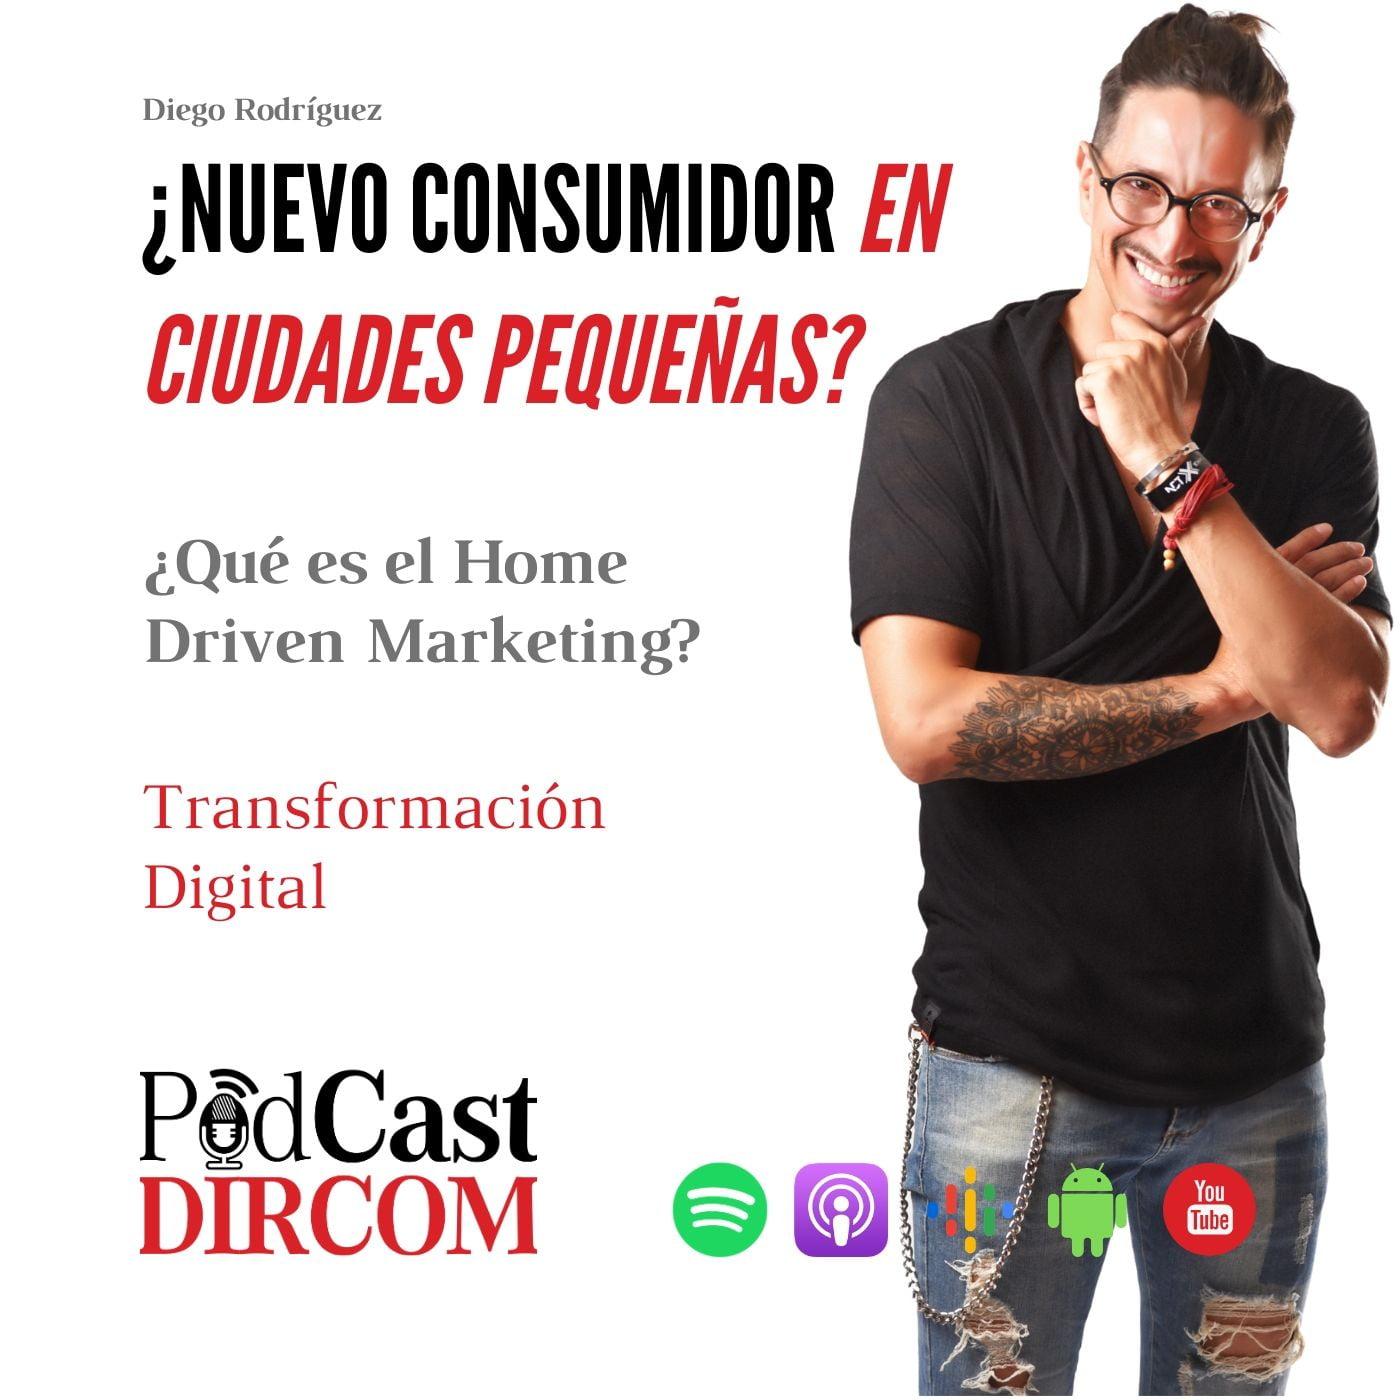 Nuevo consumidor Ciudad Pequena Instagram Baja